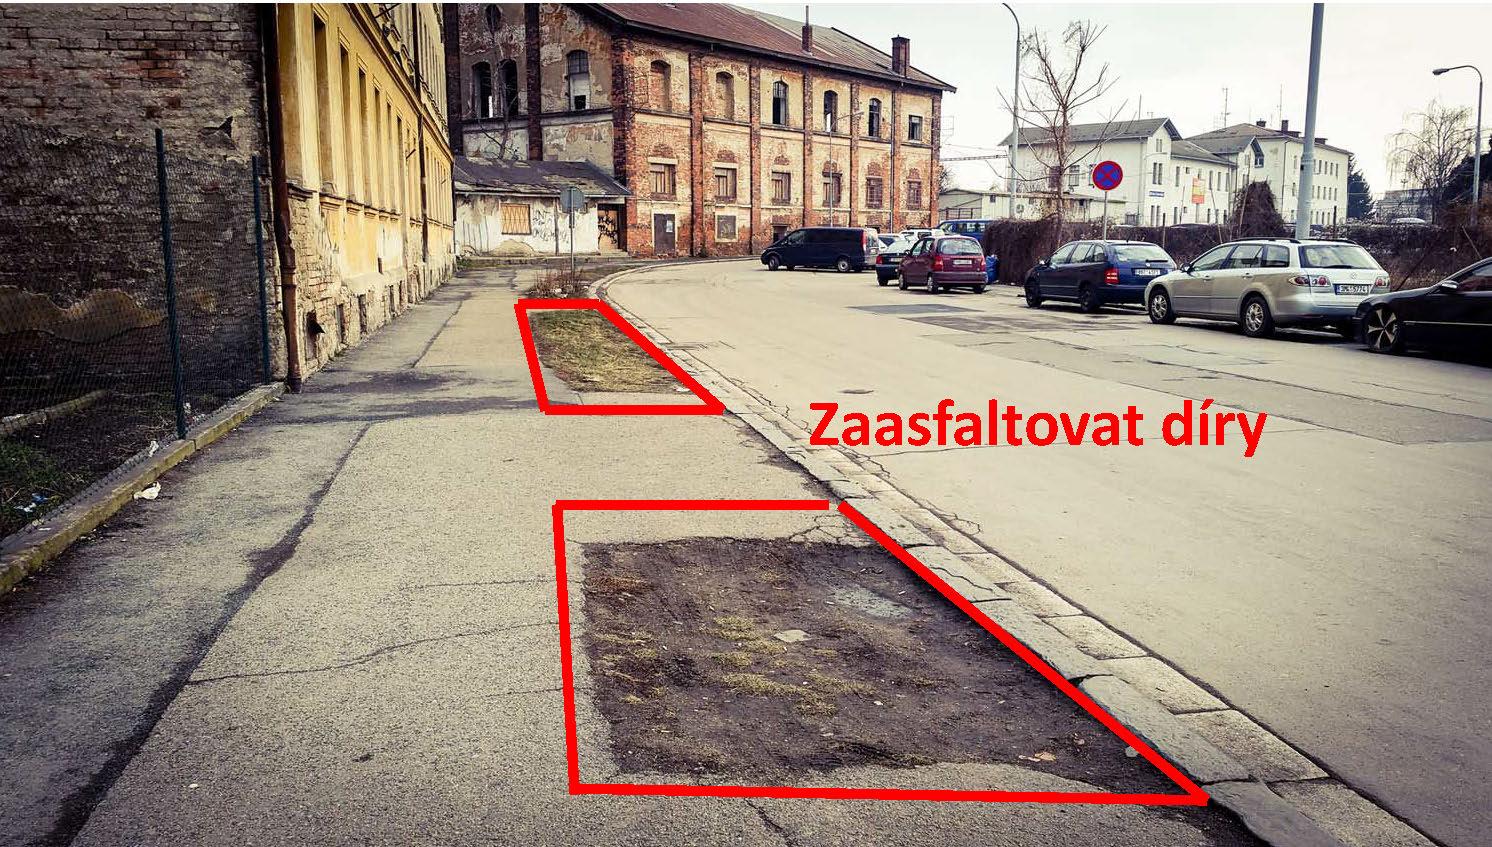 Aby byl chodník širší a cesta s kufry klidnější, stačí za-asfaltovat díry na chodníku